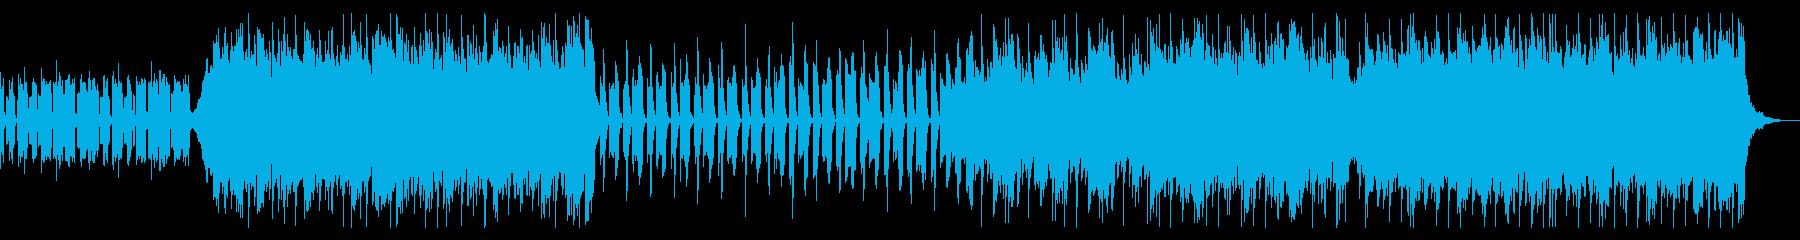 ノリのいいビート/少し切ないメロディーの再生済みの波形